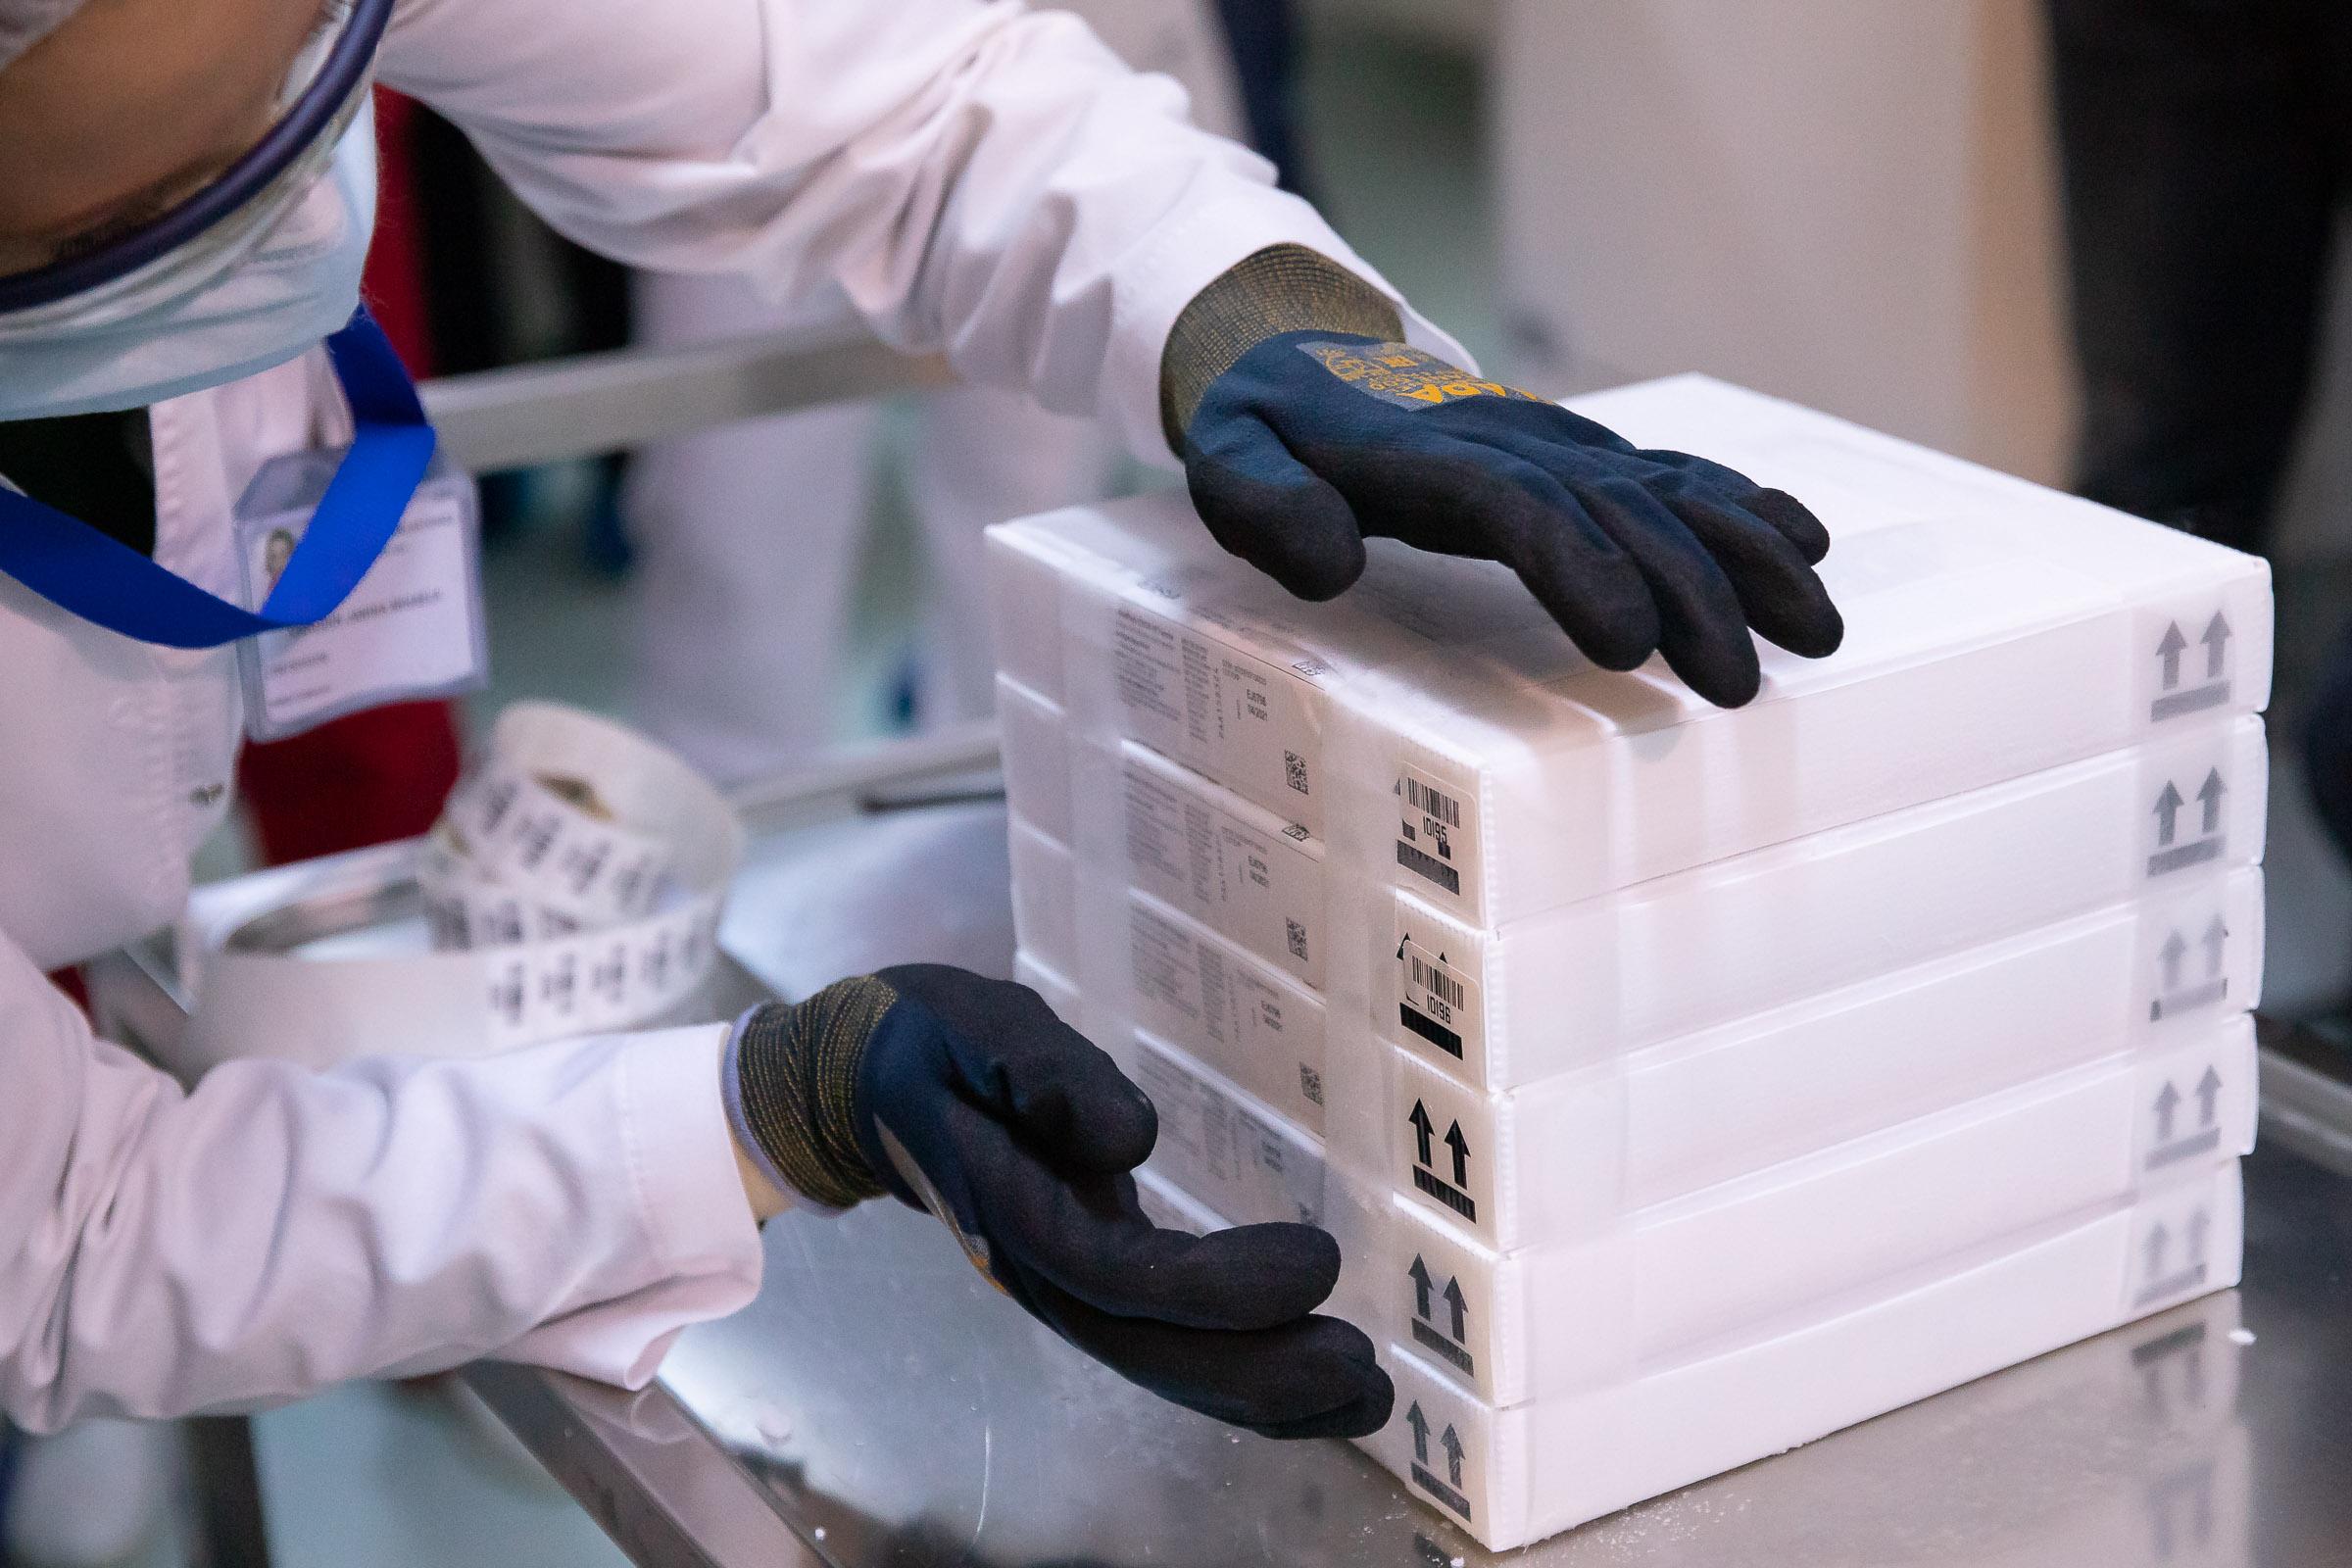 clarificari-asupra-informatiilor-inexacte-despre-vaccinul-anti-covid